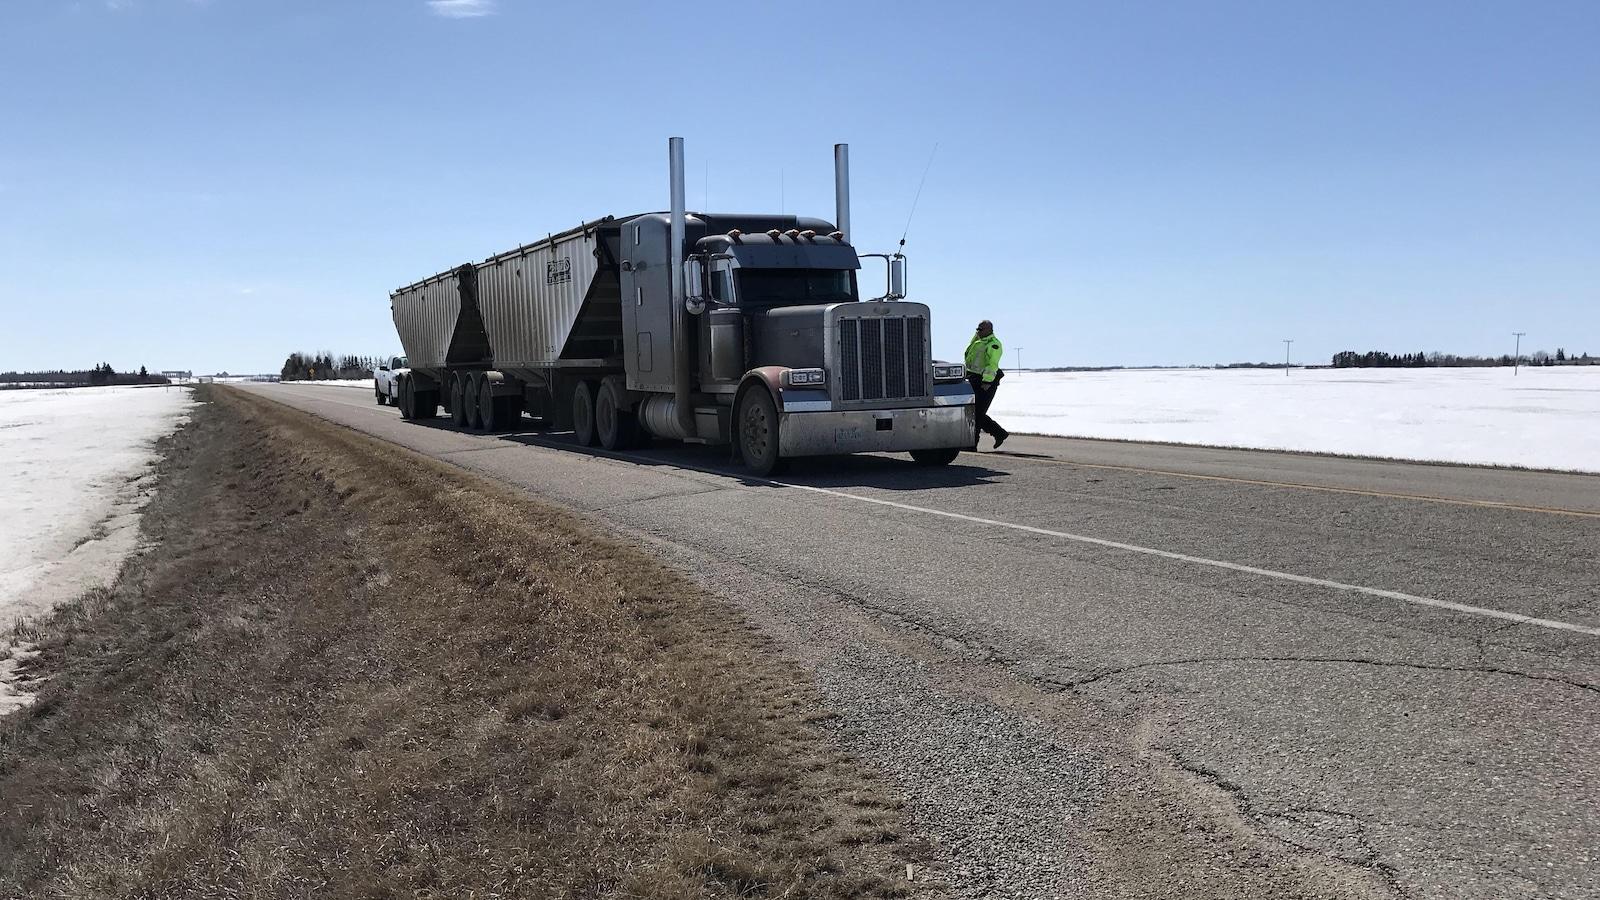 La GRC a confirmé que le camion semi-remorque se trouvait au milieu de l'intersection routière au moment de l'accident.